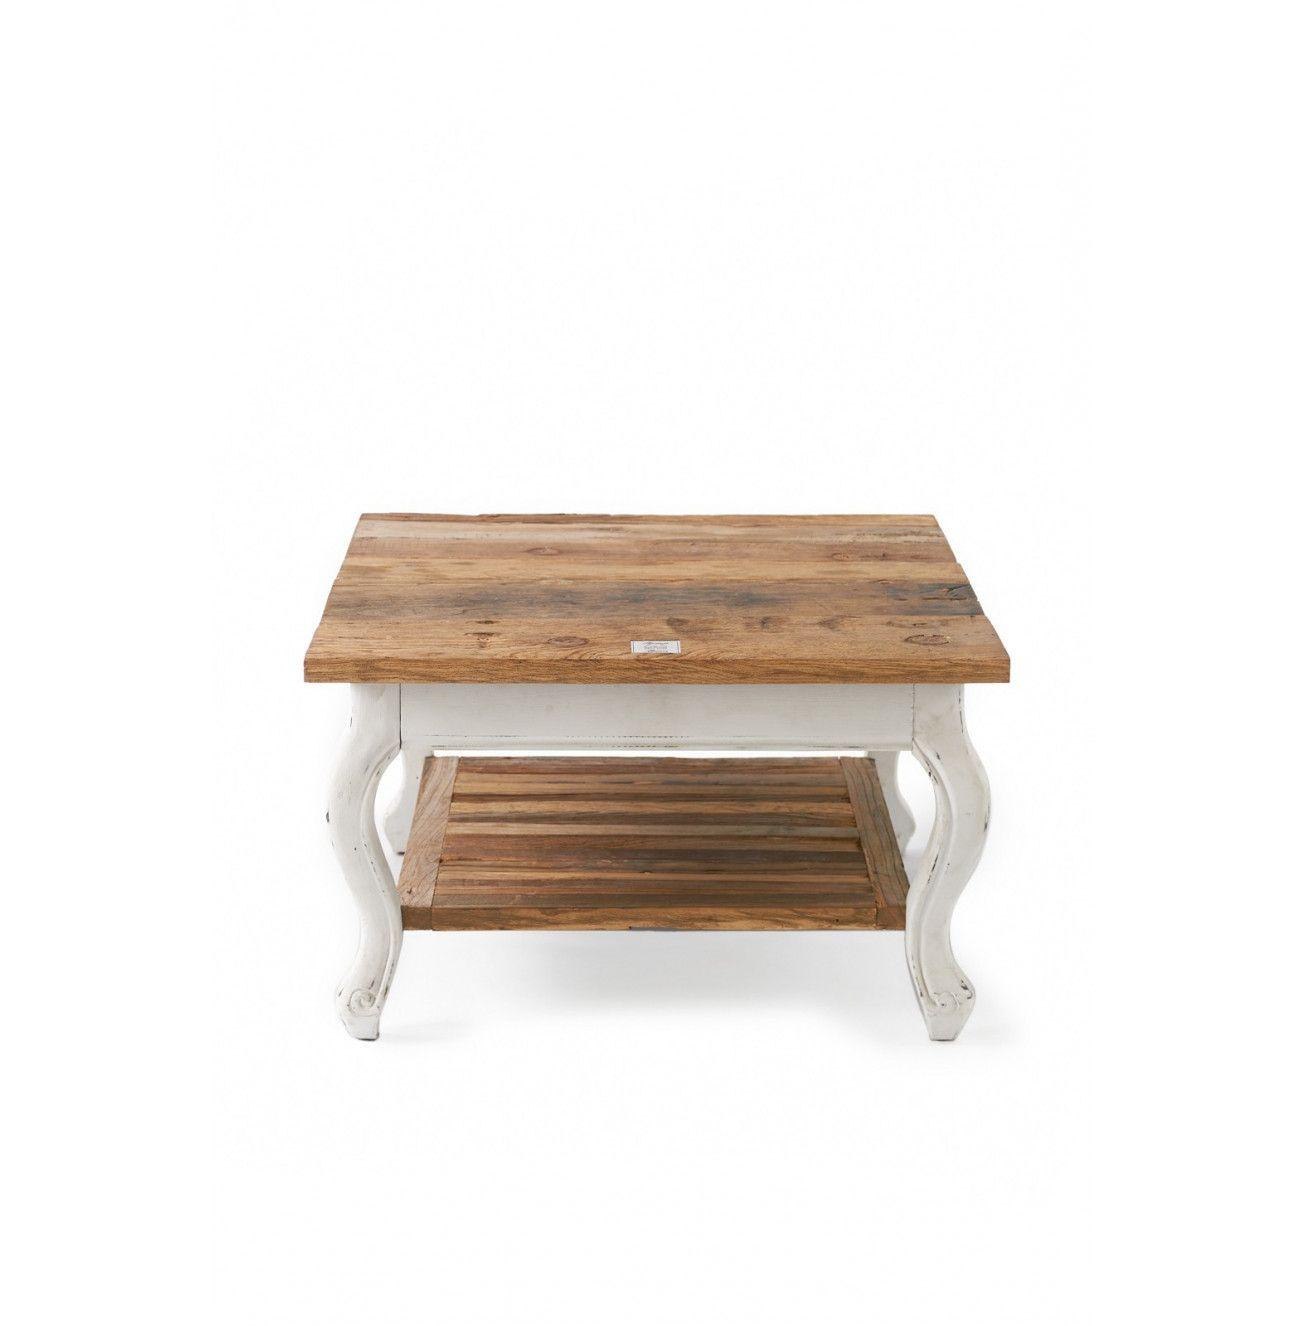 Driftwood Coffee Table 70x70 Wohnzimmertische Couchtisch